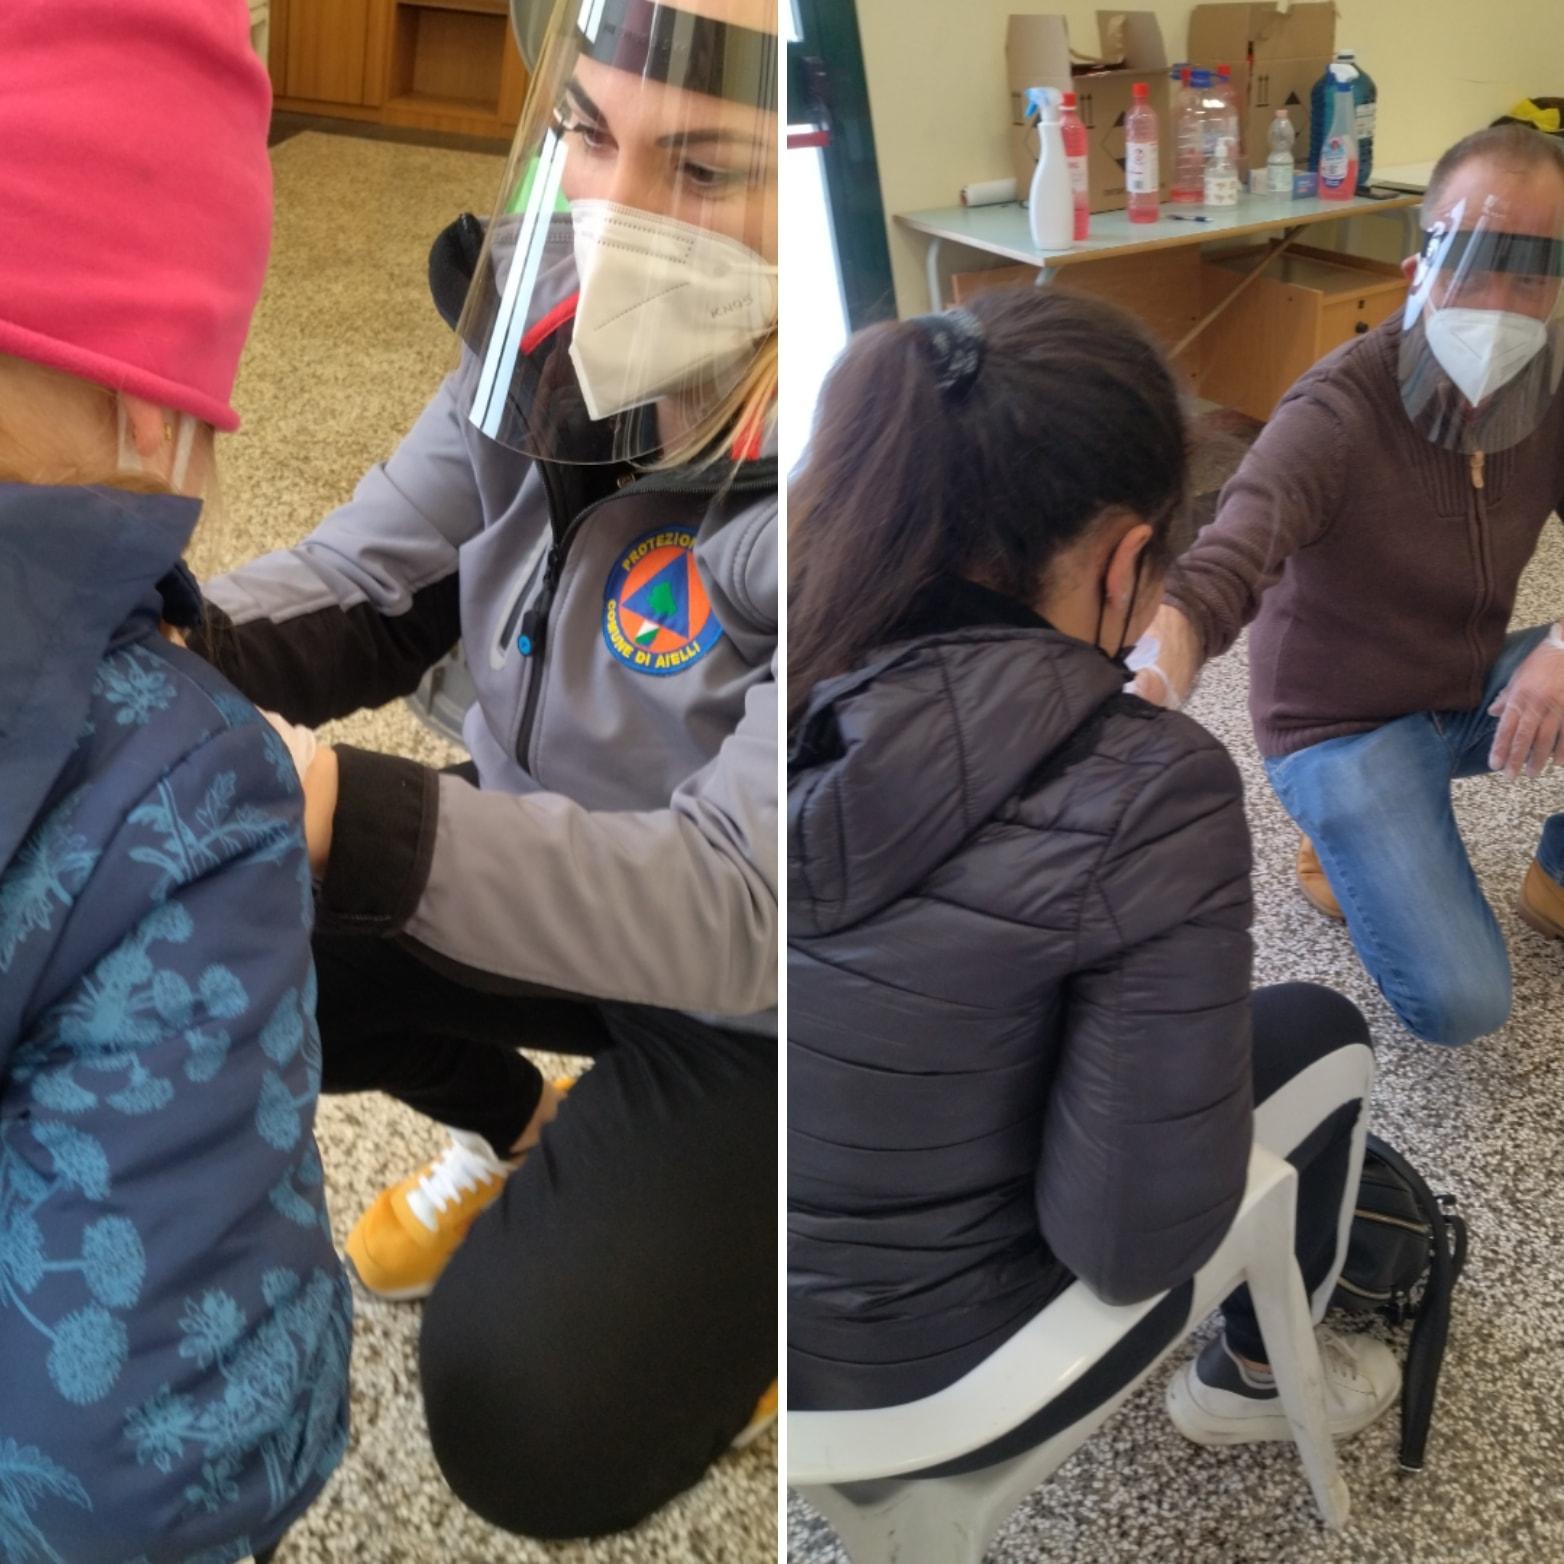 Ieri ad Aielli secondo screening con test salivari sui bambini, tutti negativi